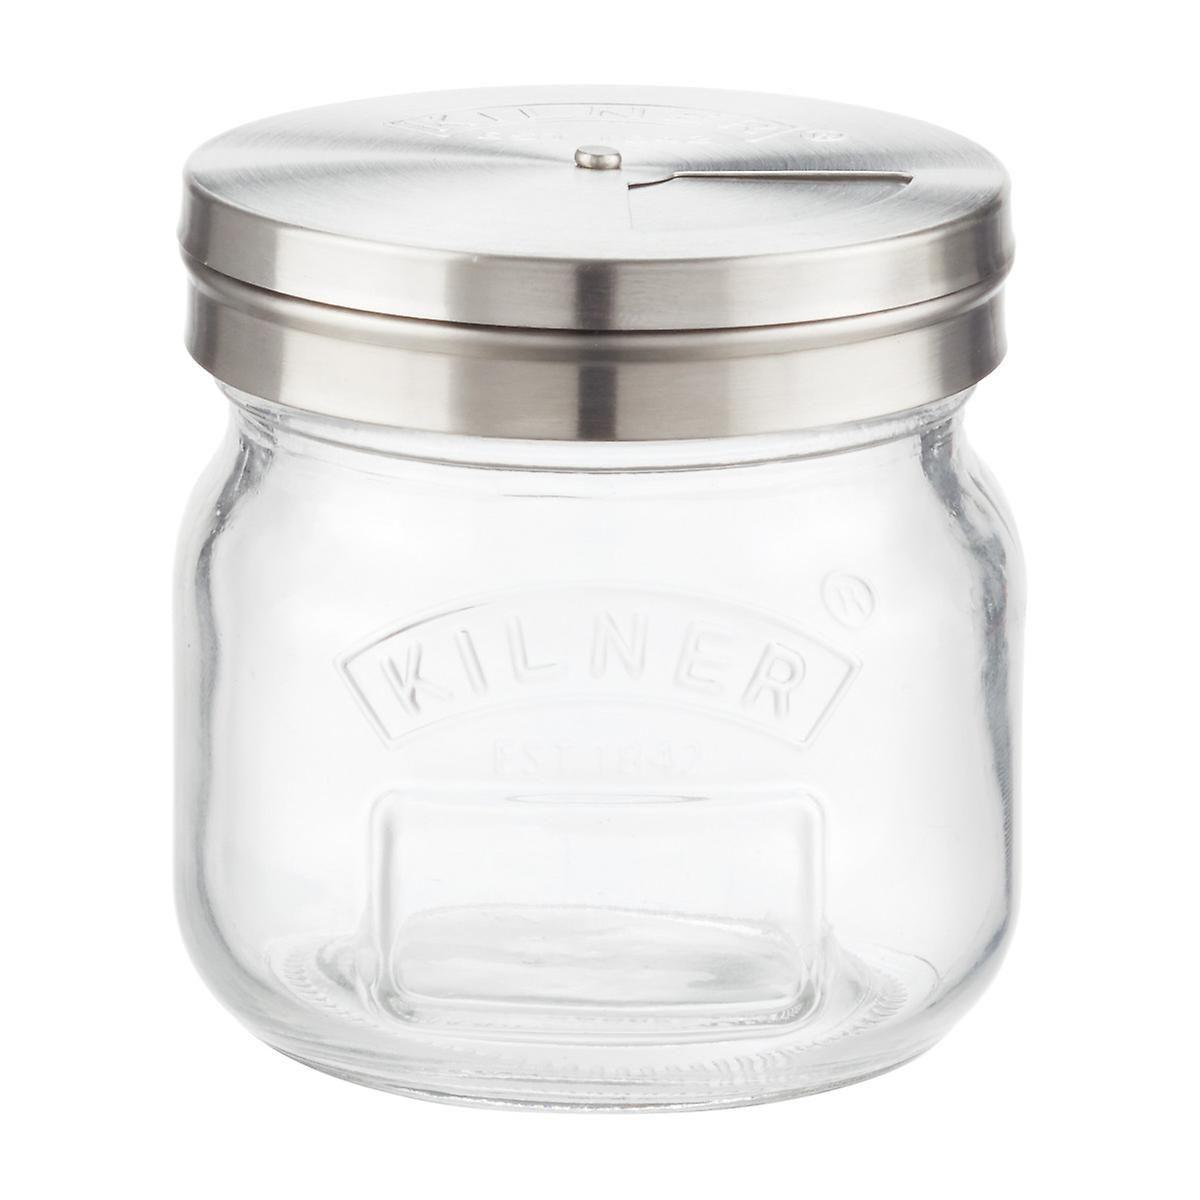 Quattro Stagioni 8 5 Oz Glass Storage Jar With Shaker Lid Jar Storage Glass Storage Jars Glass Storage